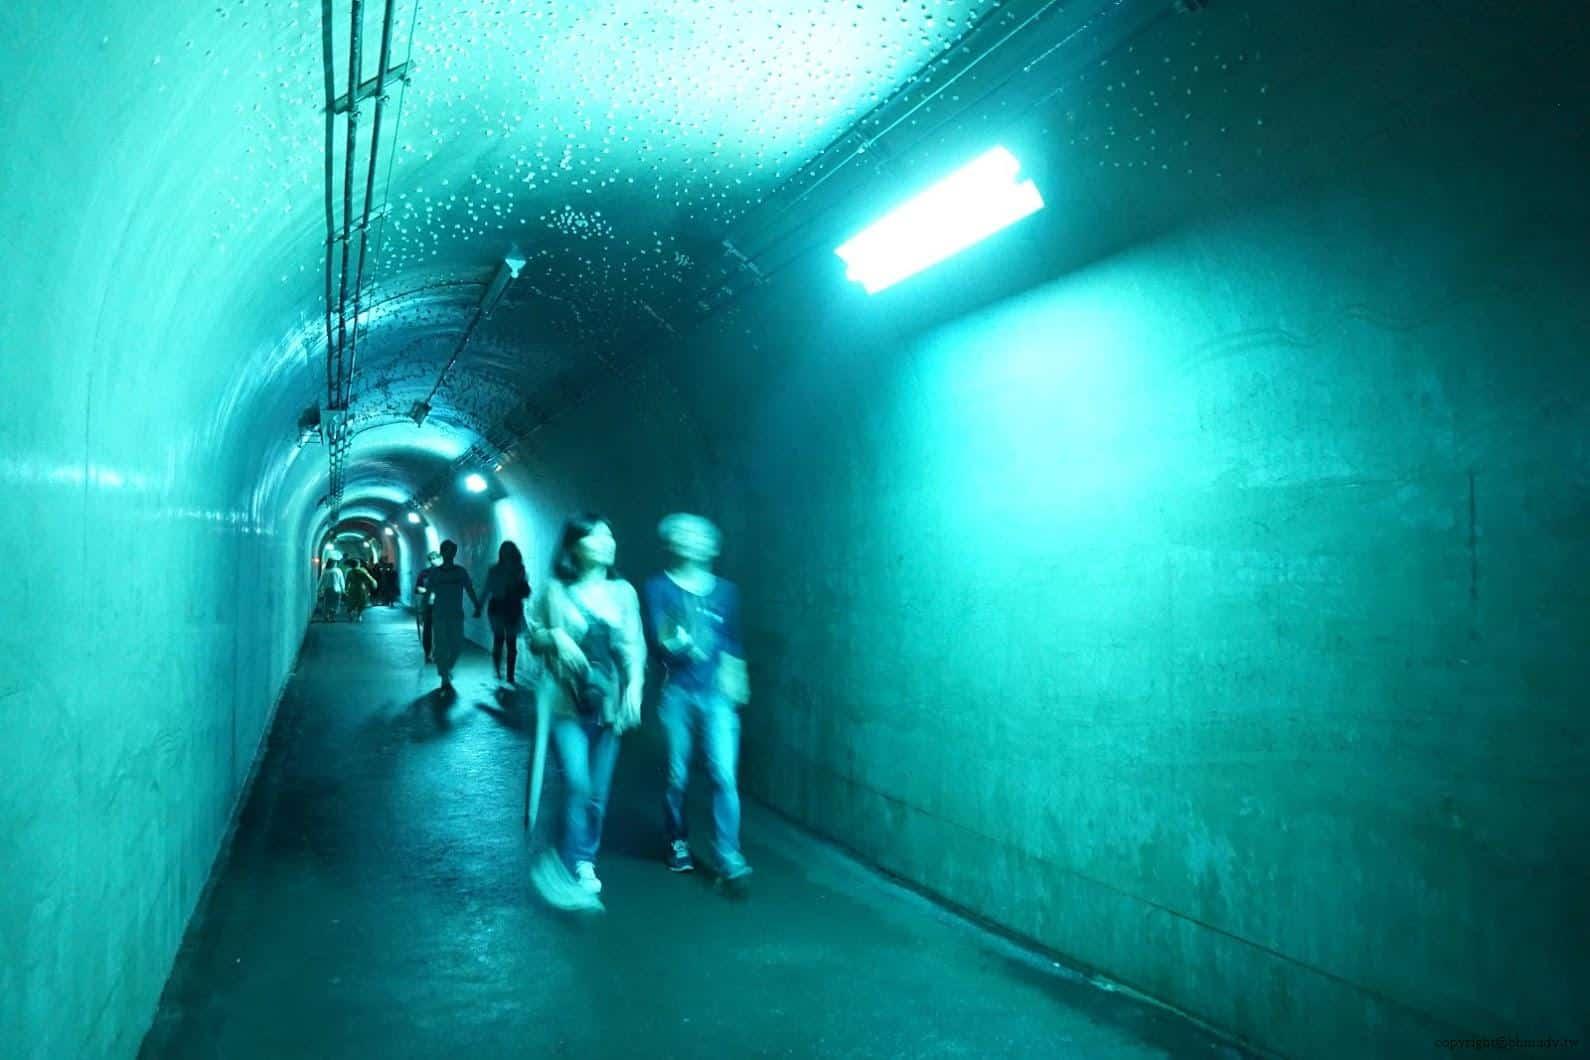 馬岩松,光洞,色—土(隧道),途中每段隧道中呈現不同色彩昏暗燈光,陪襯玄妙音樂,變得未知與神秘 越後妻有 光洞 periscopelight cave 03